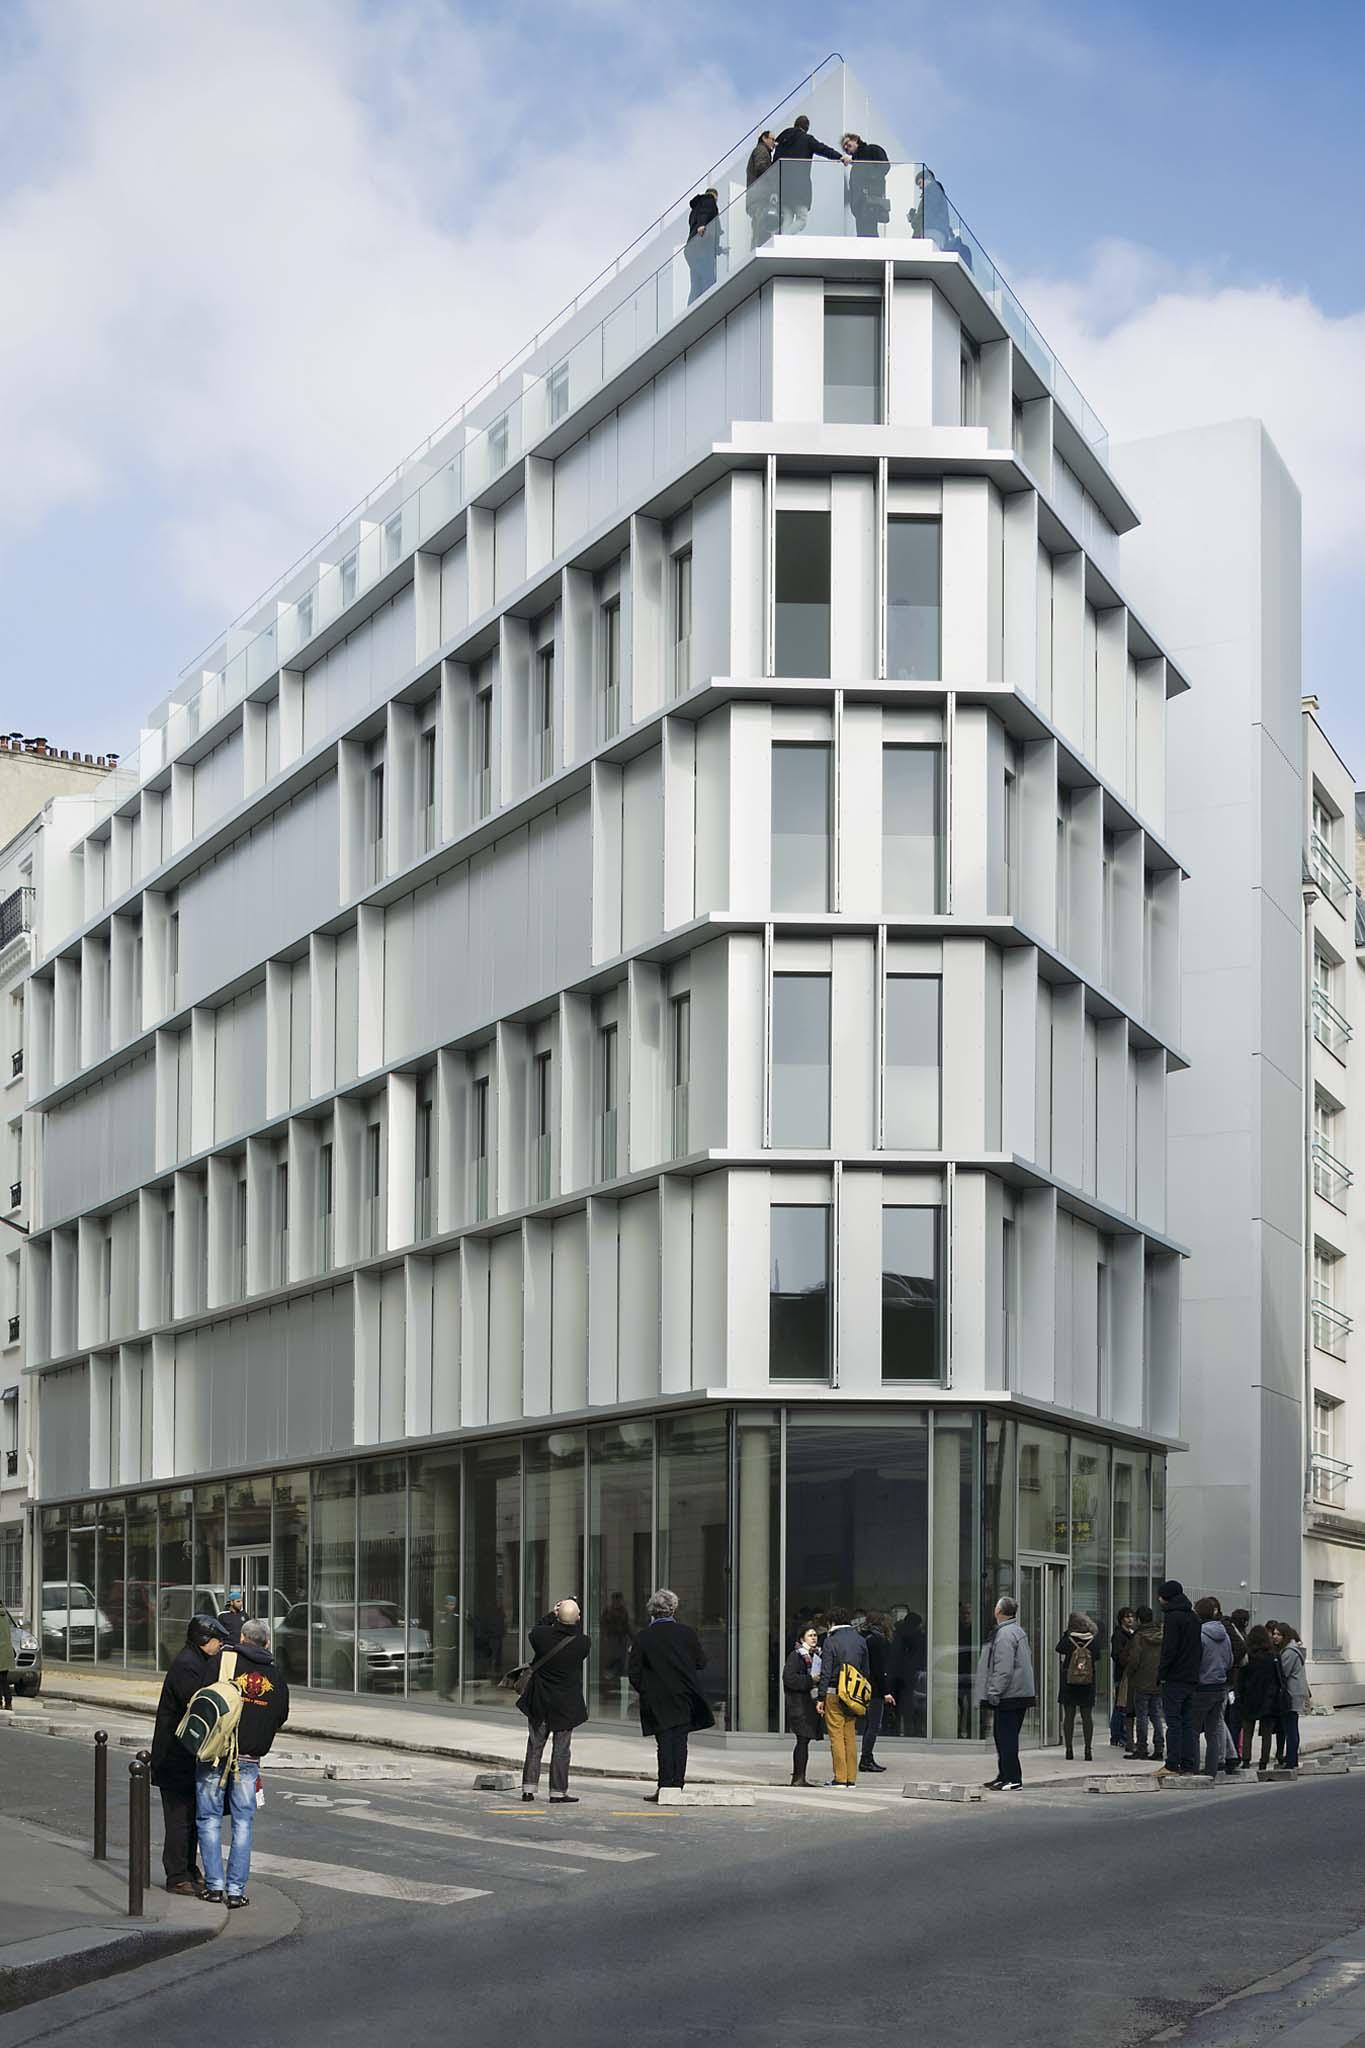 pss discussion paris 11e arrondissement t1 75. Black Bedroom Furniture Sets. Home Design Ideas